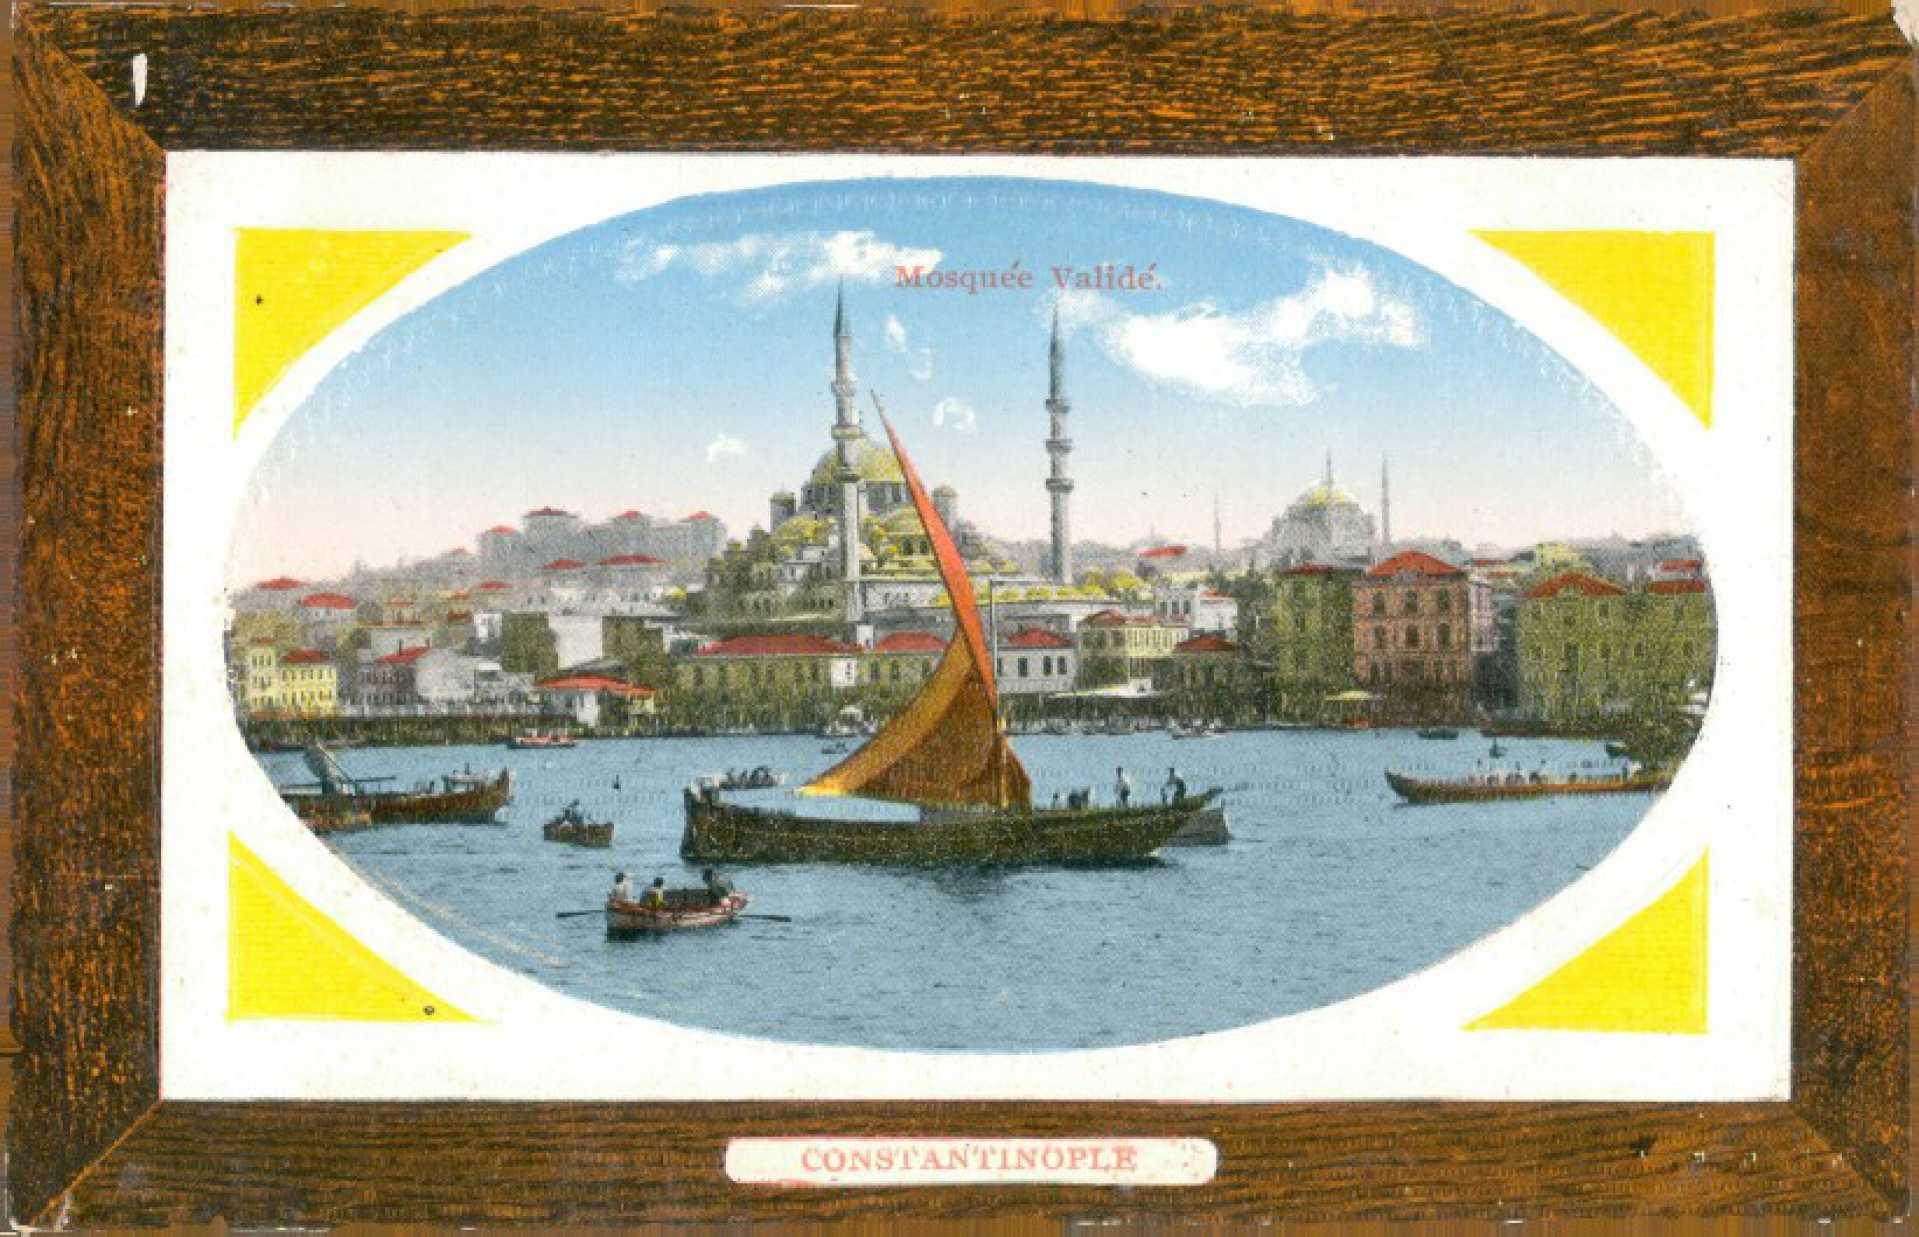 Mosquée Validé